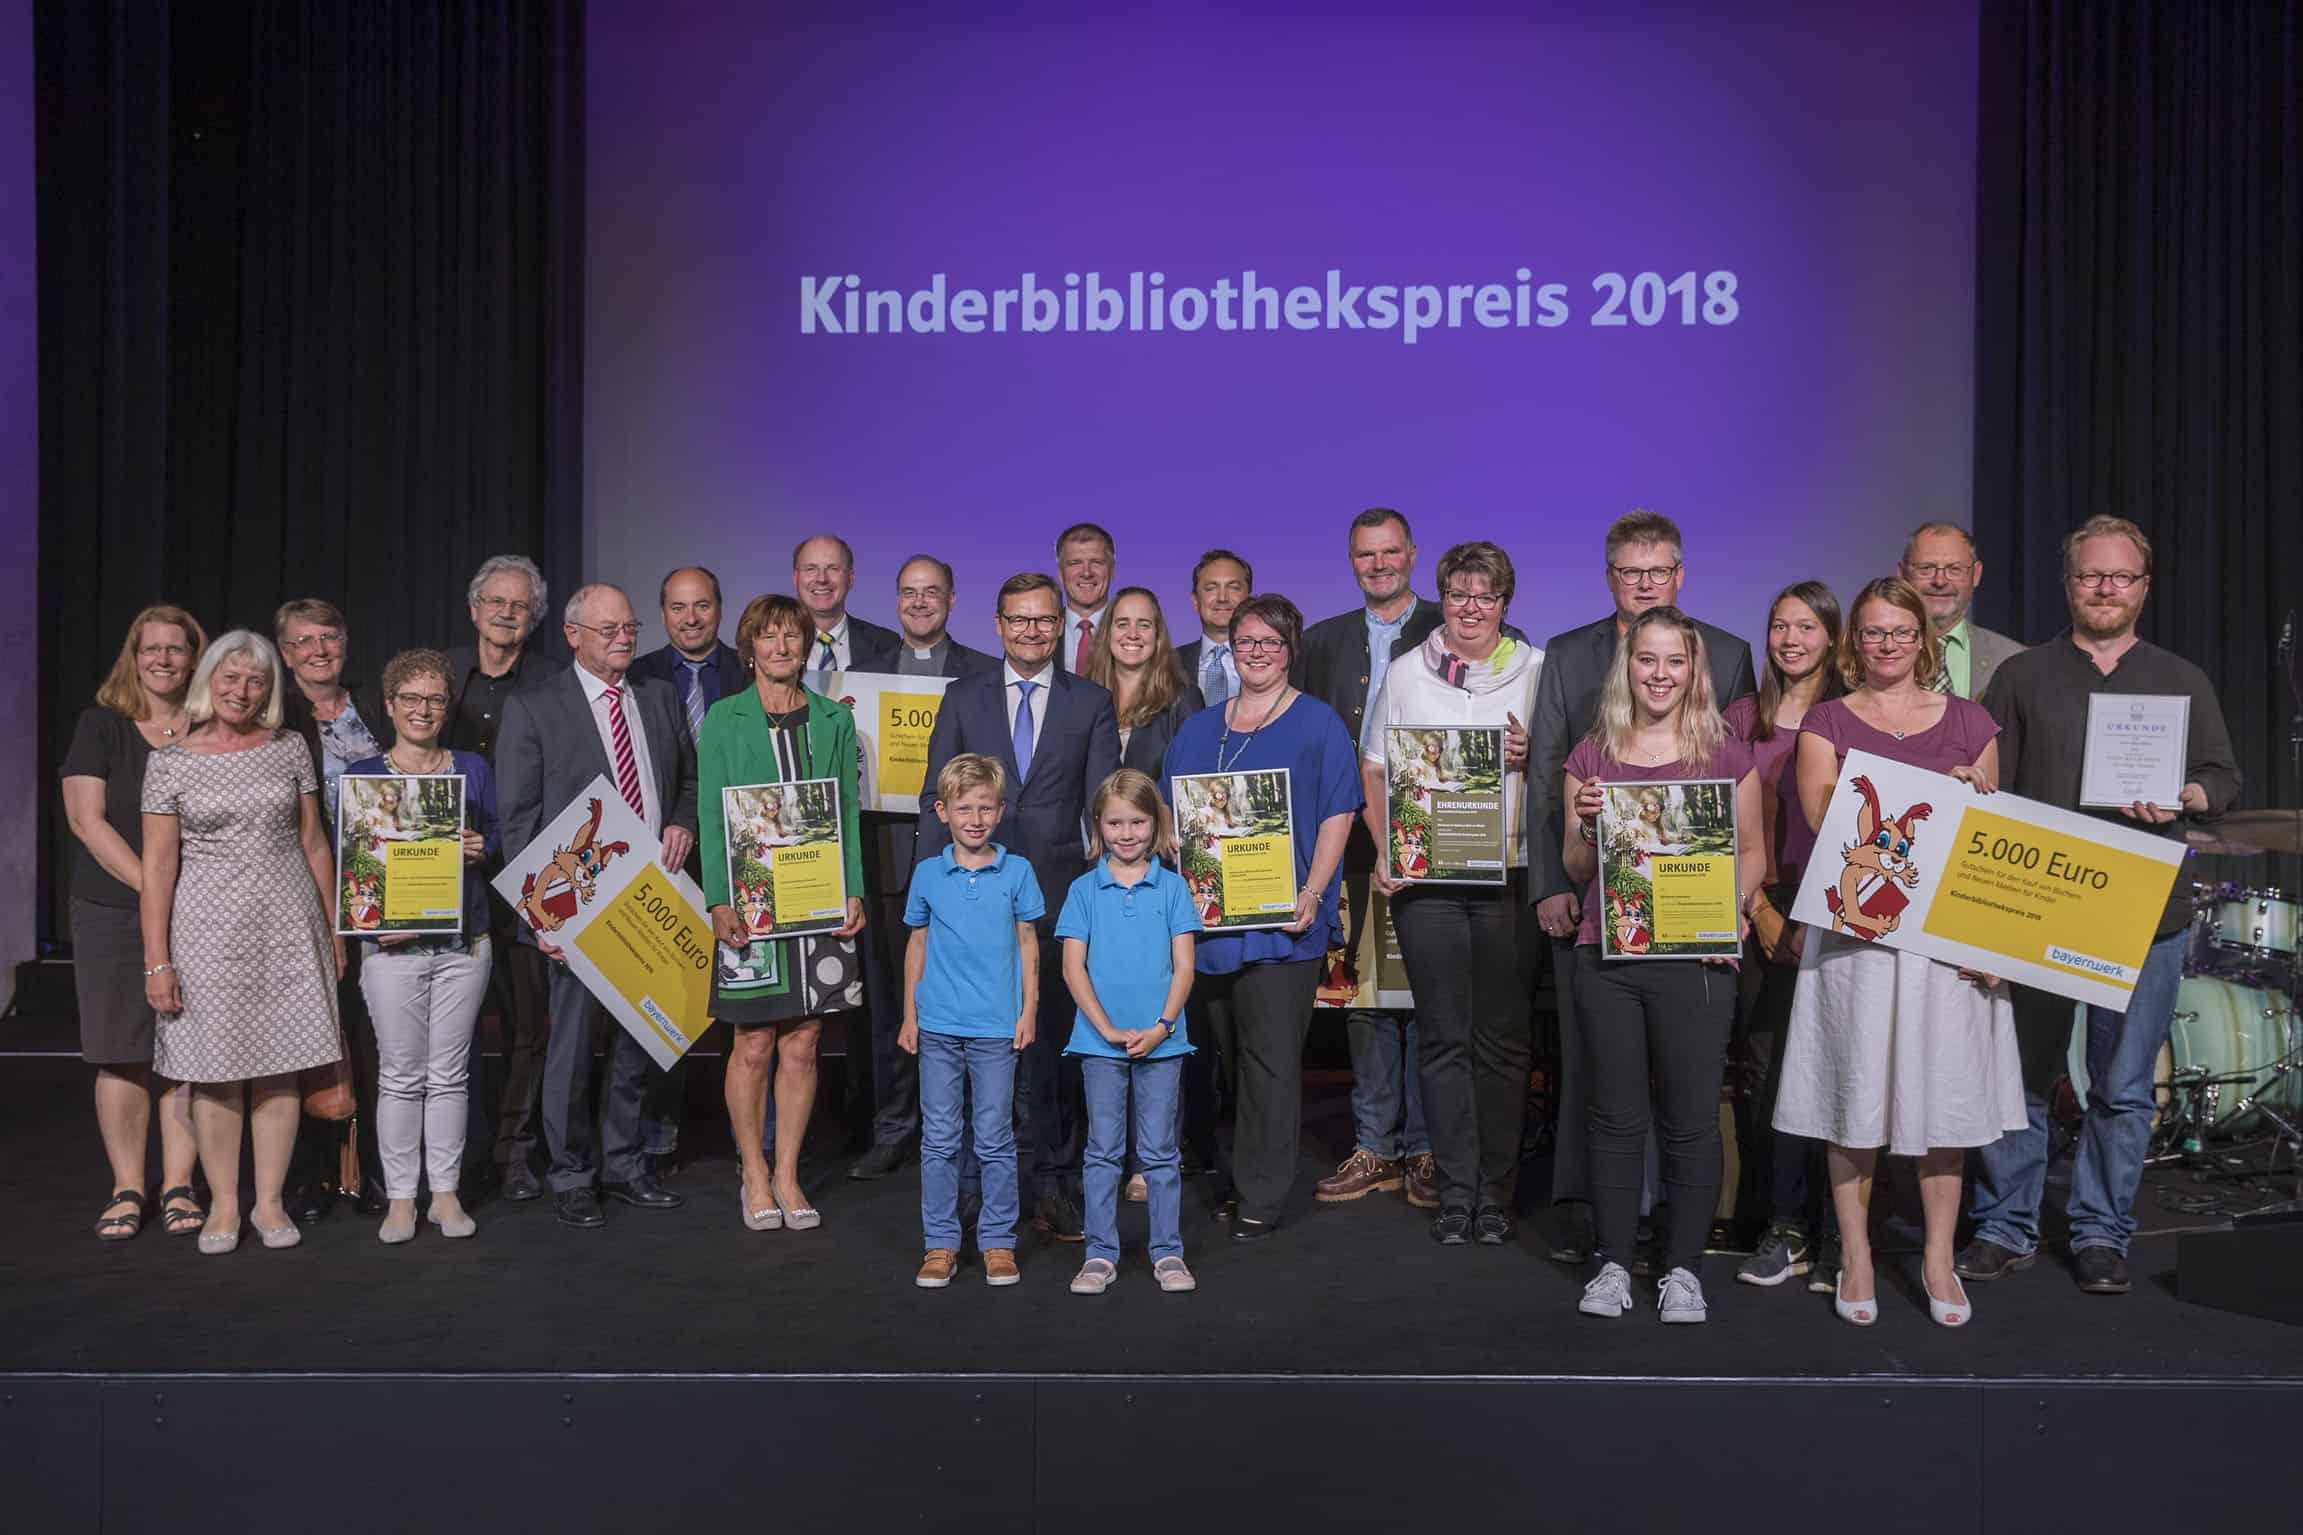 Bayernwerk verleiht Kinderbibliothekspreis in der Marktgemeinde Lappersdorf bei Regensburg